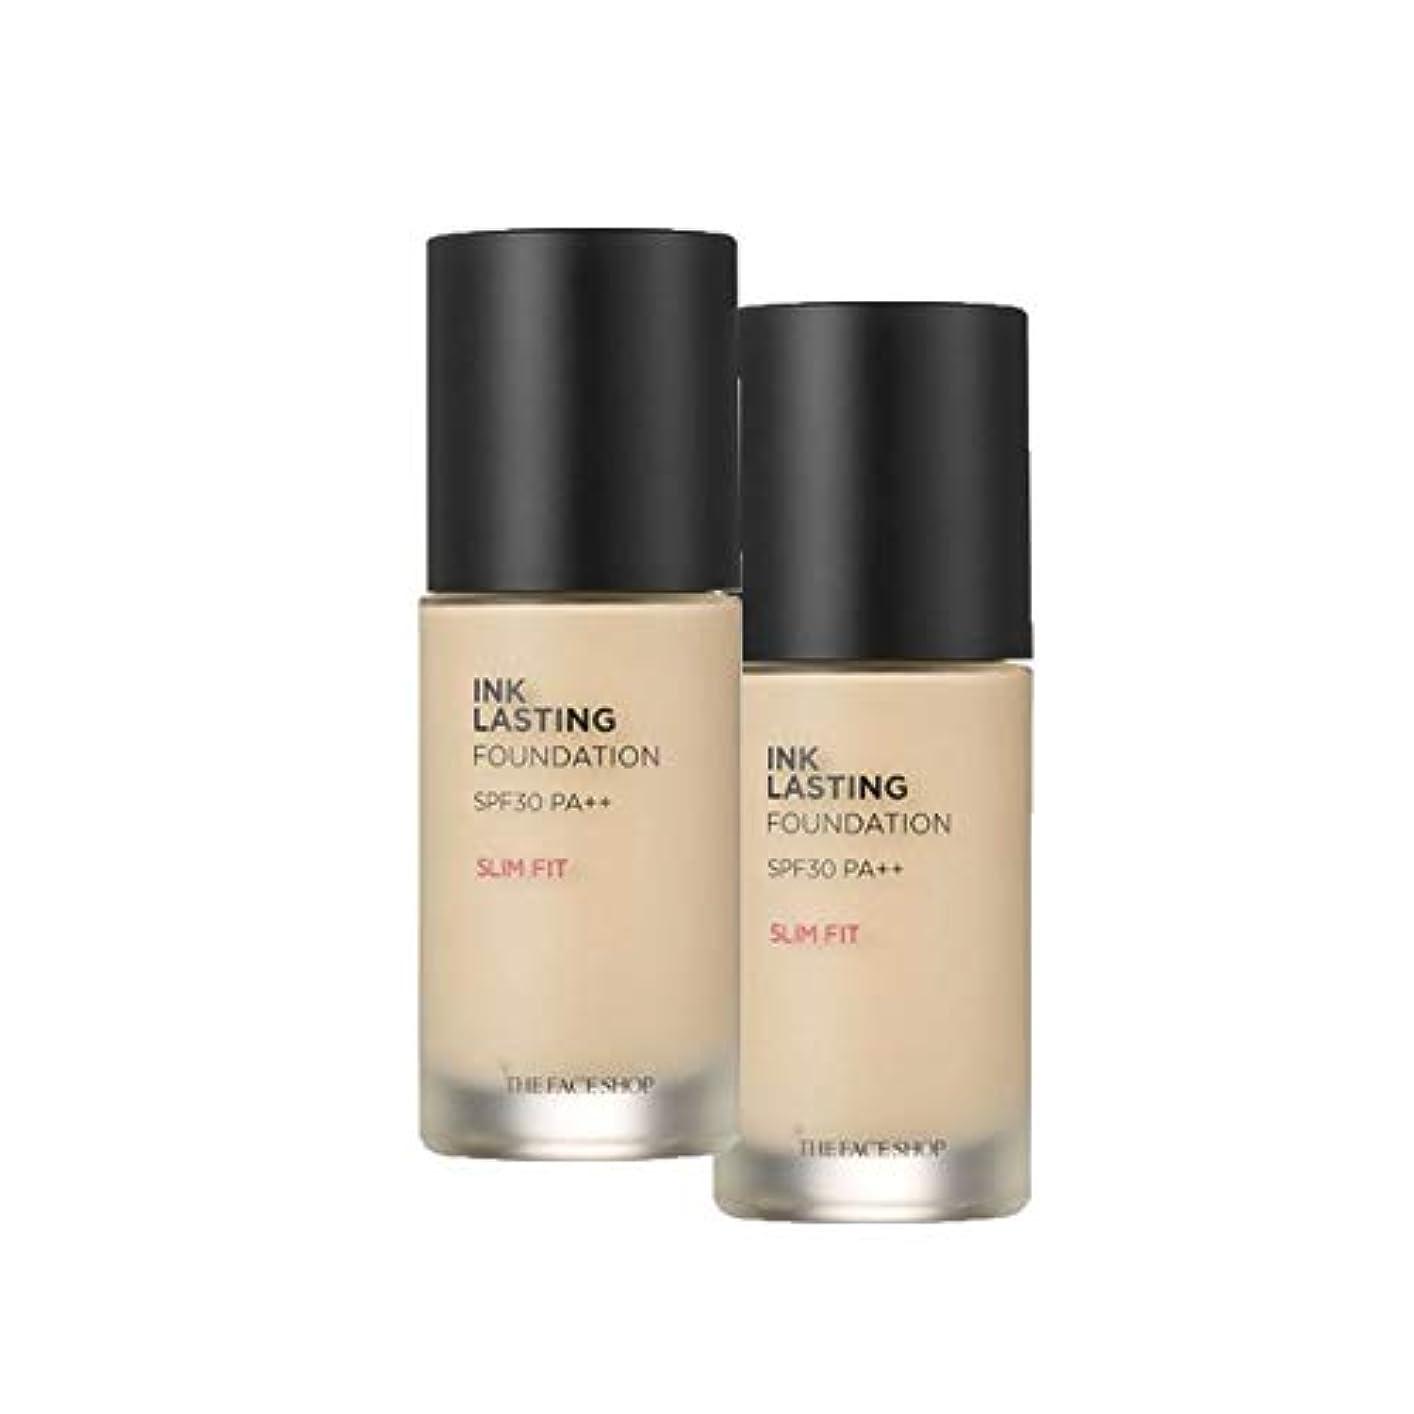 理想的には教育学ドメインザ・フェイスショップのインクラスティングファンデーションスリムフィット5カラー30mlx2本セット韓国コスメ、The Face Shop Ink Lasting Foundation Slim Fit 5 Colors 30ml x 2ea Set Korean Cosmetics [並行輸入品] (N203. Natural Beige)